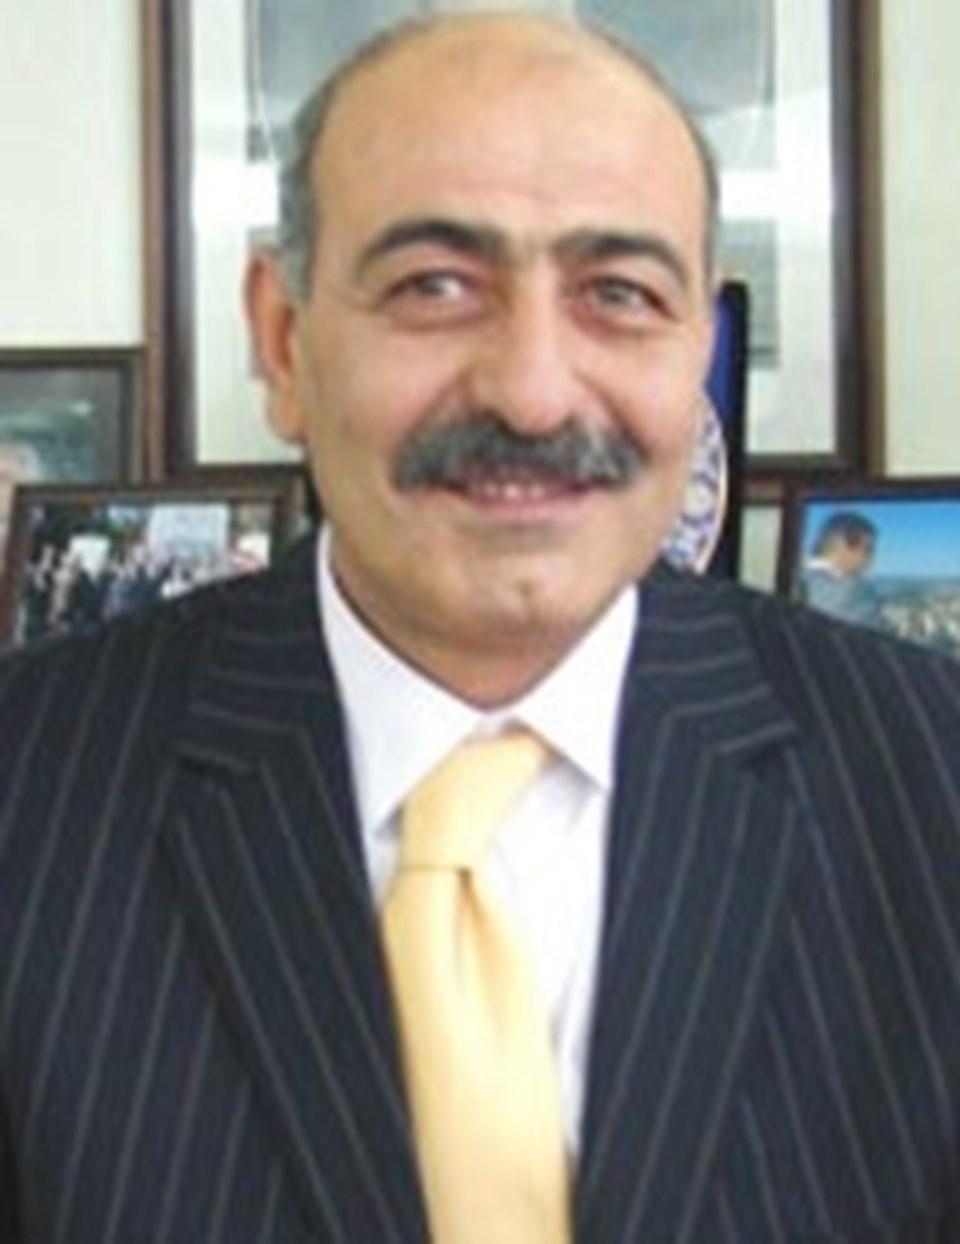 Sinop Belediyesi eski başkanı Zeki Yılmazer